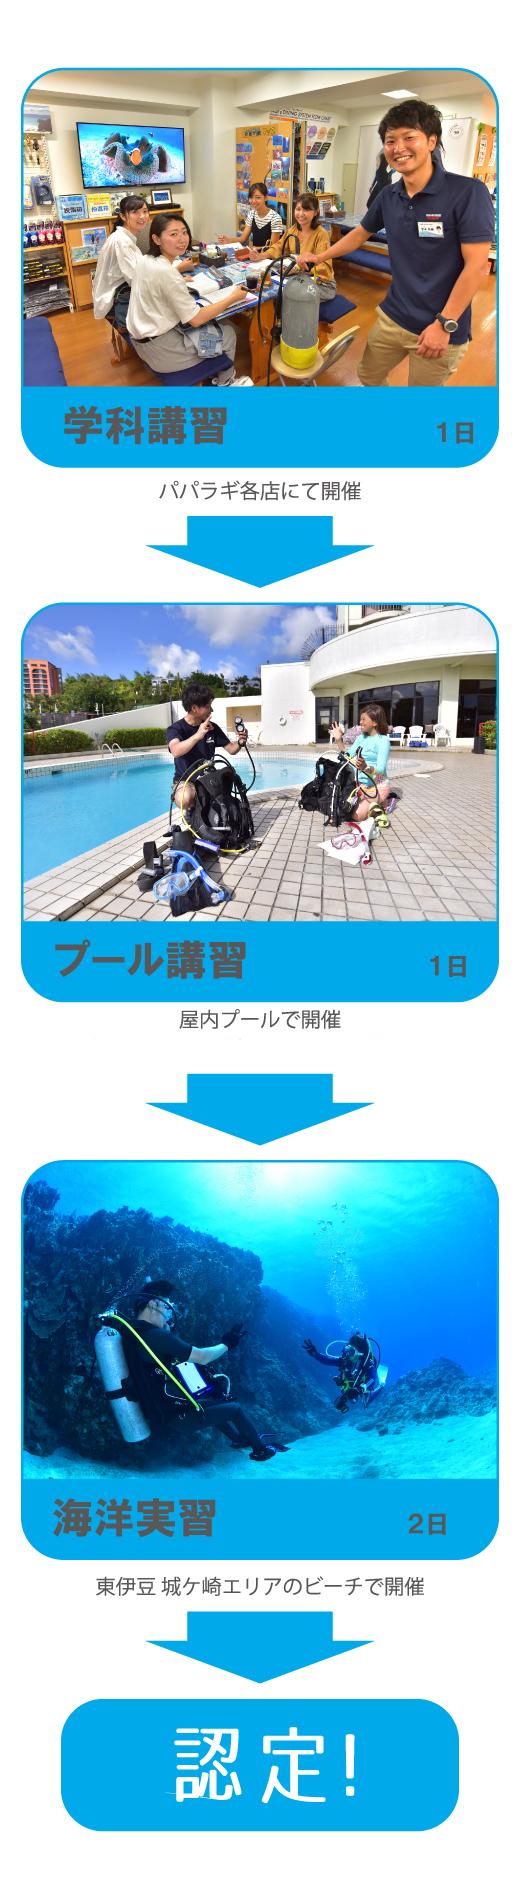 学科講習→プール講習→海洋実習→認定